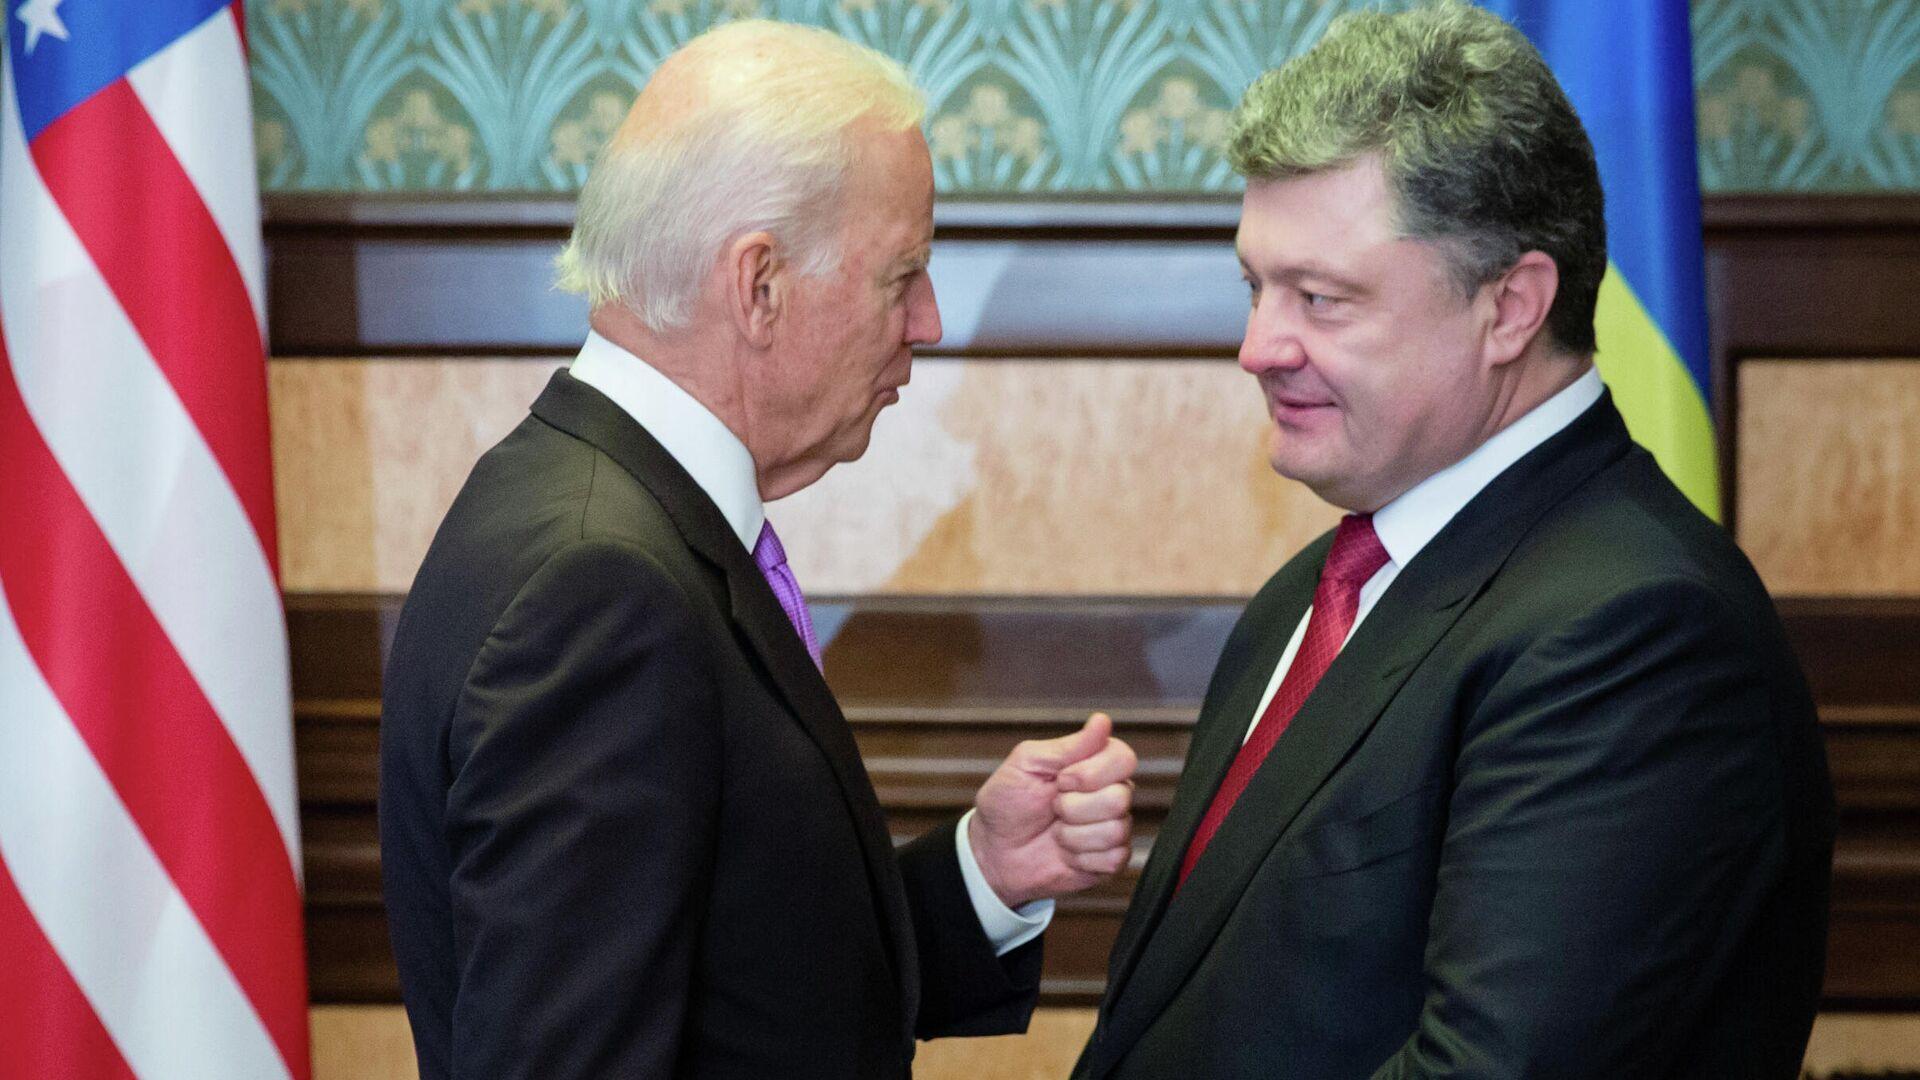 Вице-президент США Джо Байден и президент Украины Петр Порошенко во время встречи в Киеве. 2014 год  - РИА Новости, 1920, 27.01.2021